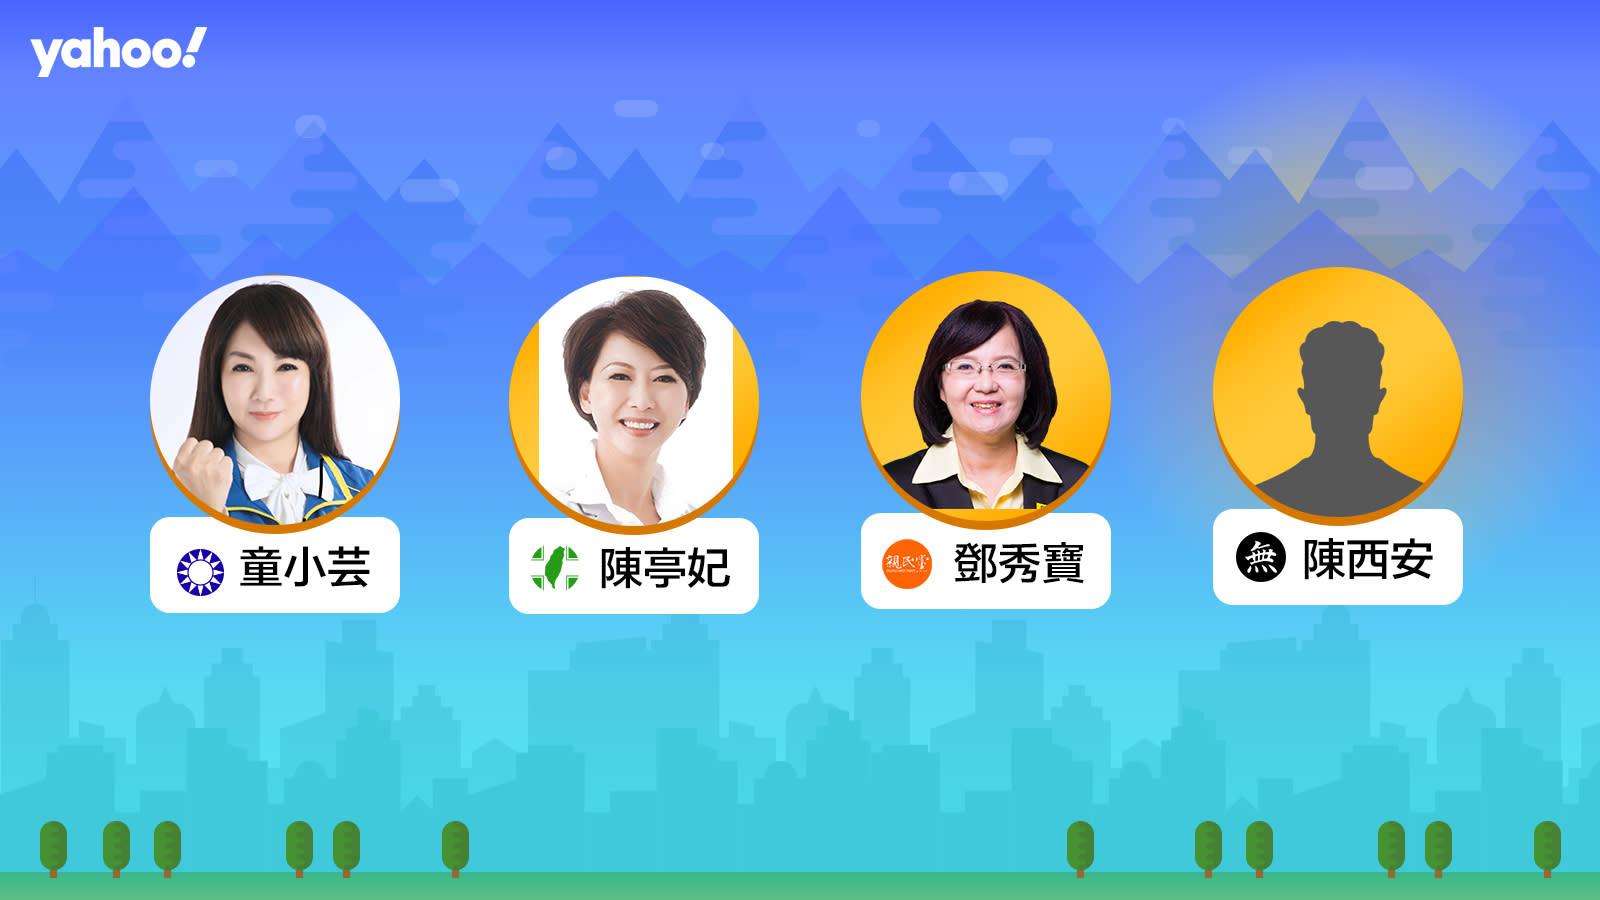 2020立委選舉台南市第三選區(安南區、北區),你支持誰?